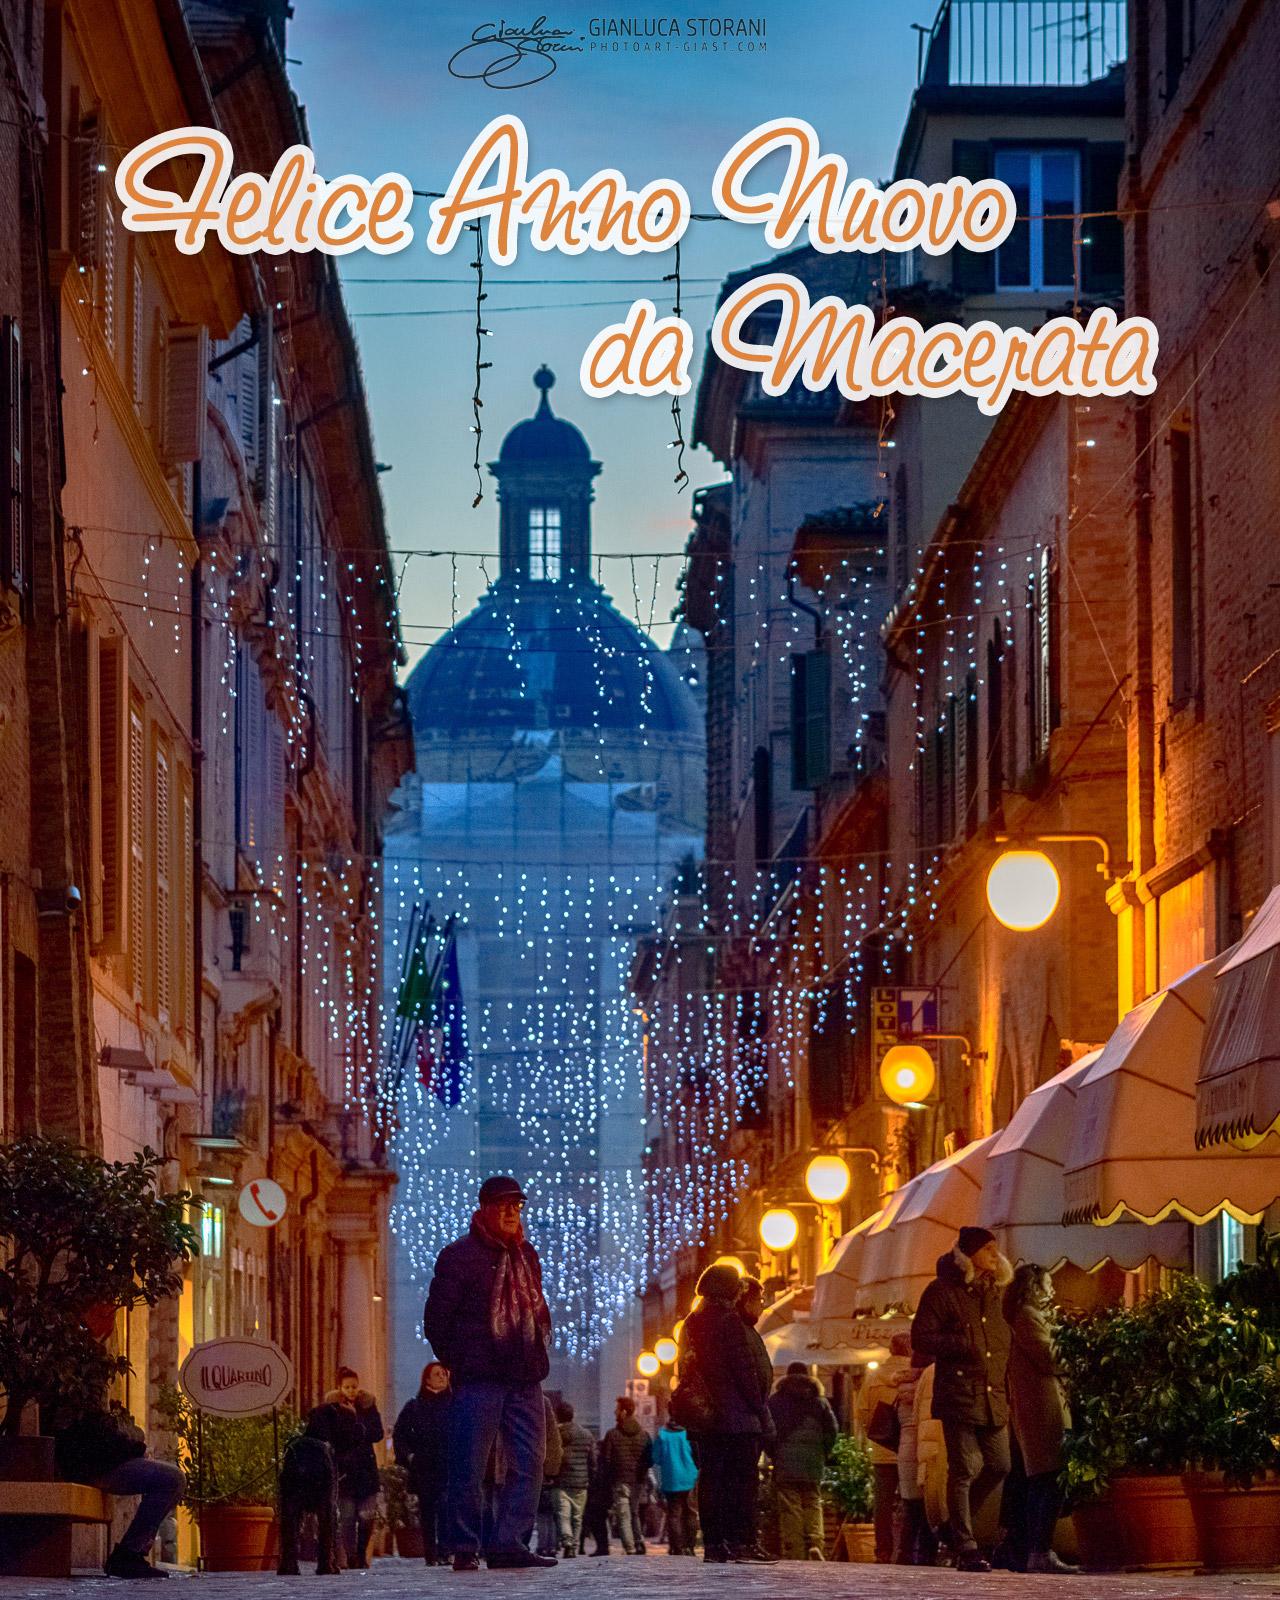 Buon anno dalla città di Macerata - Gianluca Storani Photo Art (ID: 4-7043)